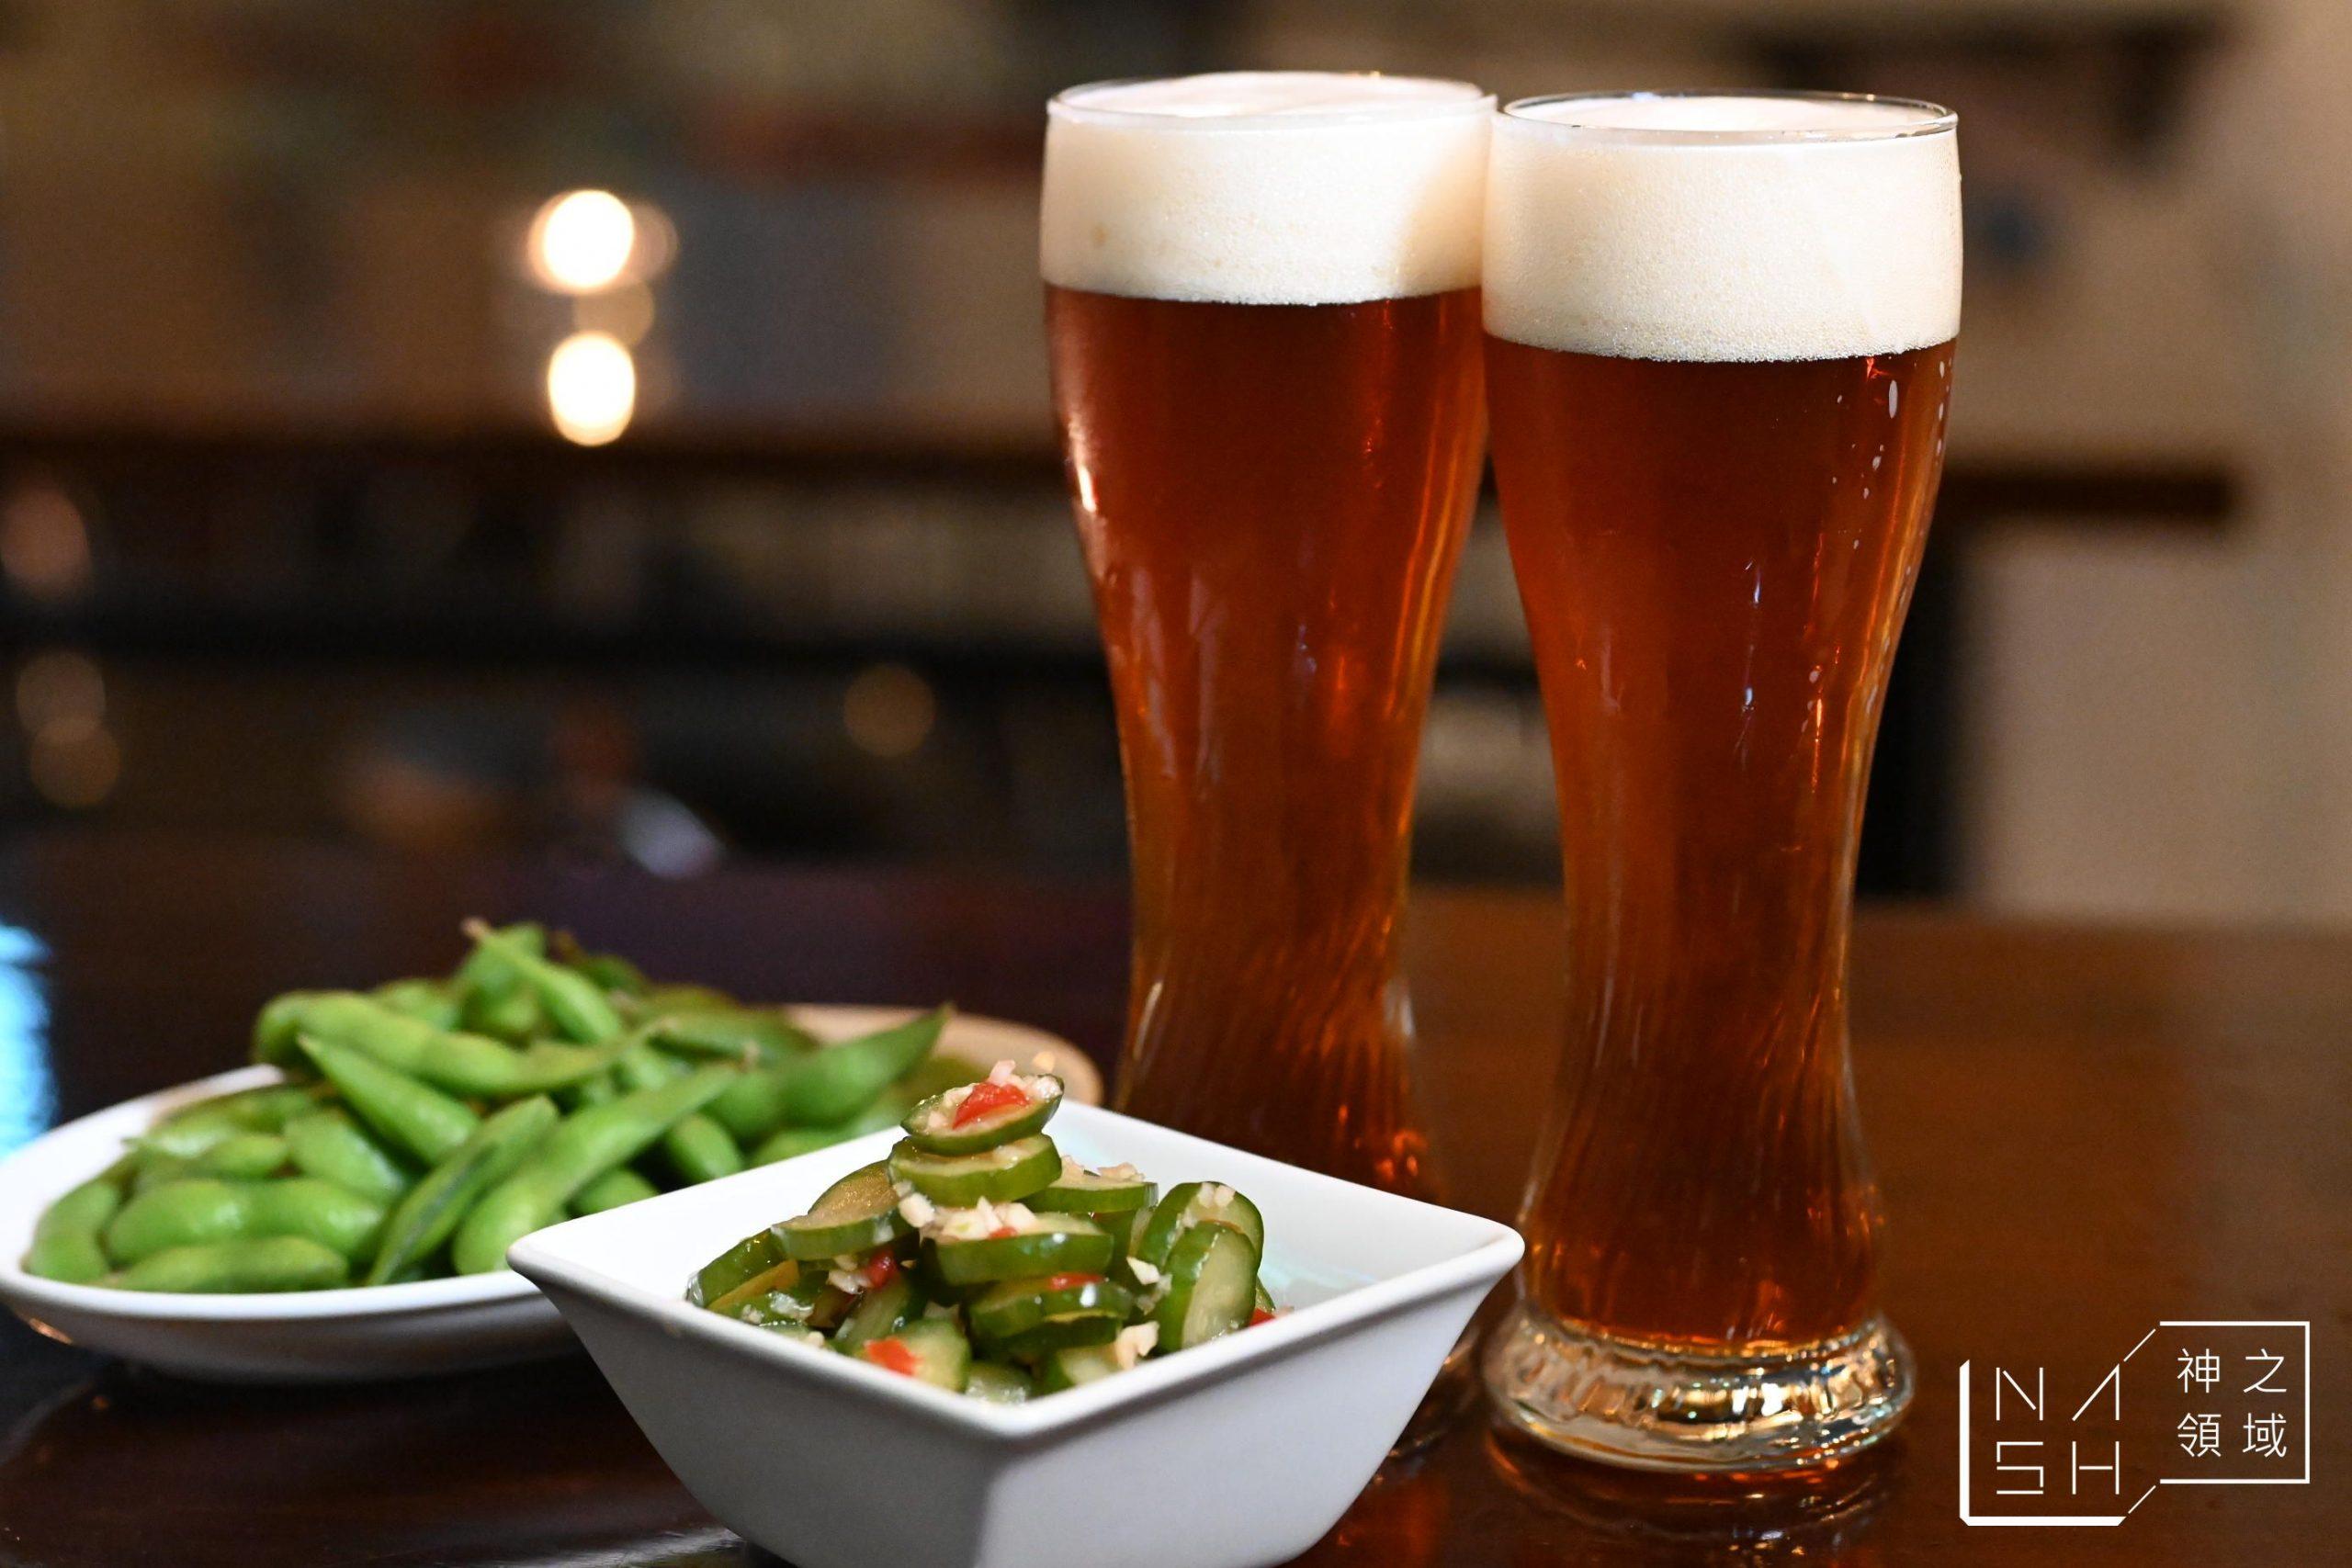 雄雞精釀啤酒